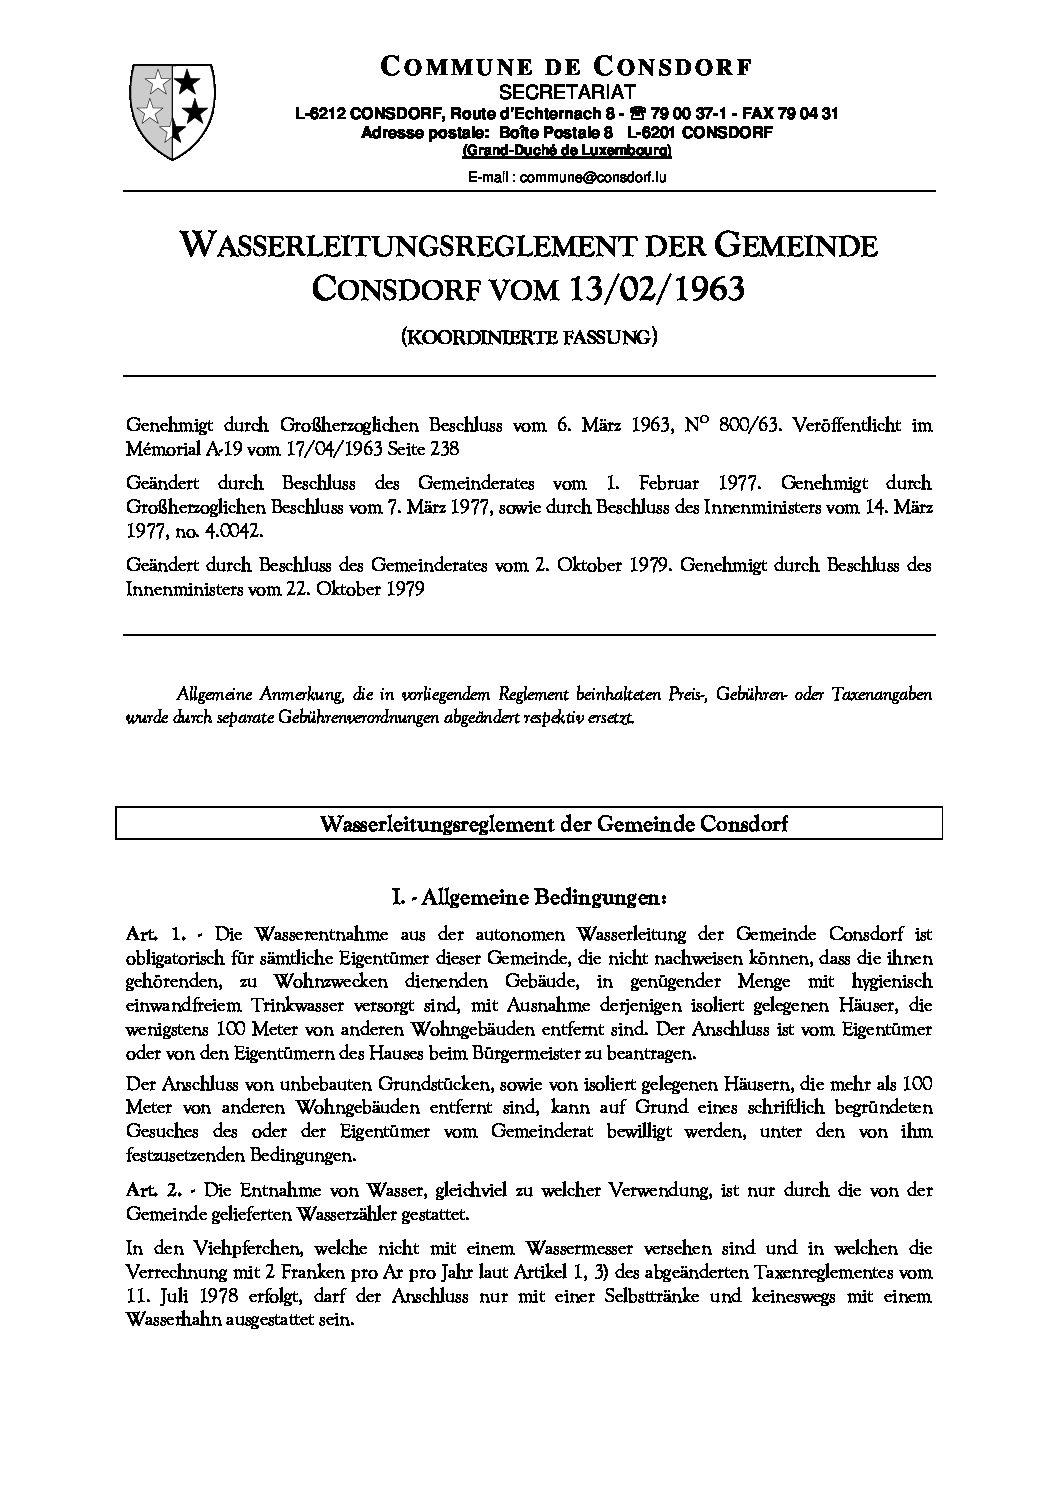 Wasserleitungsreglement